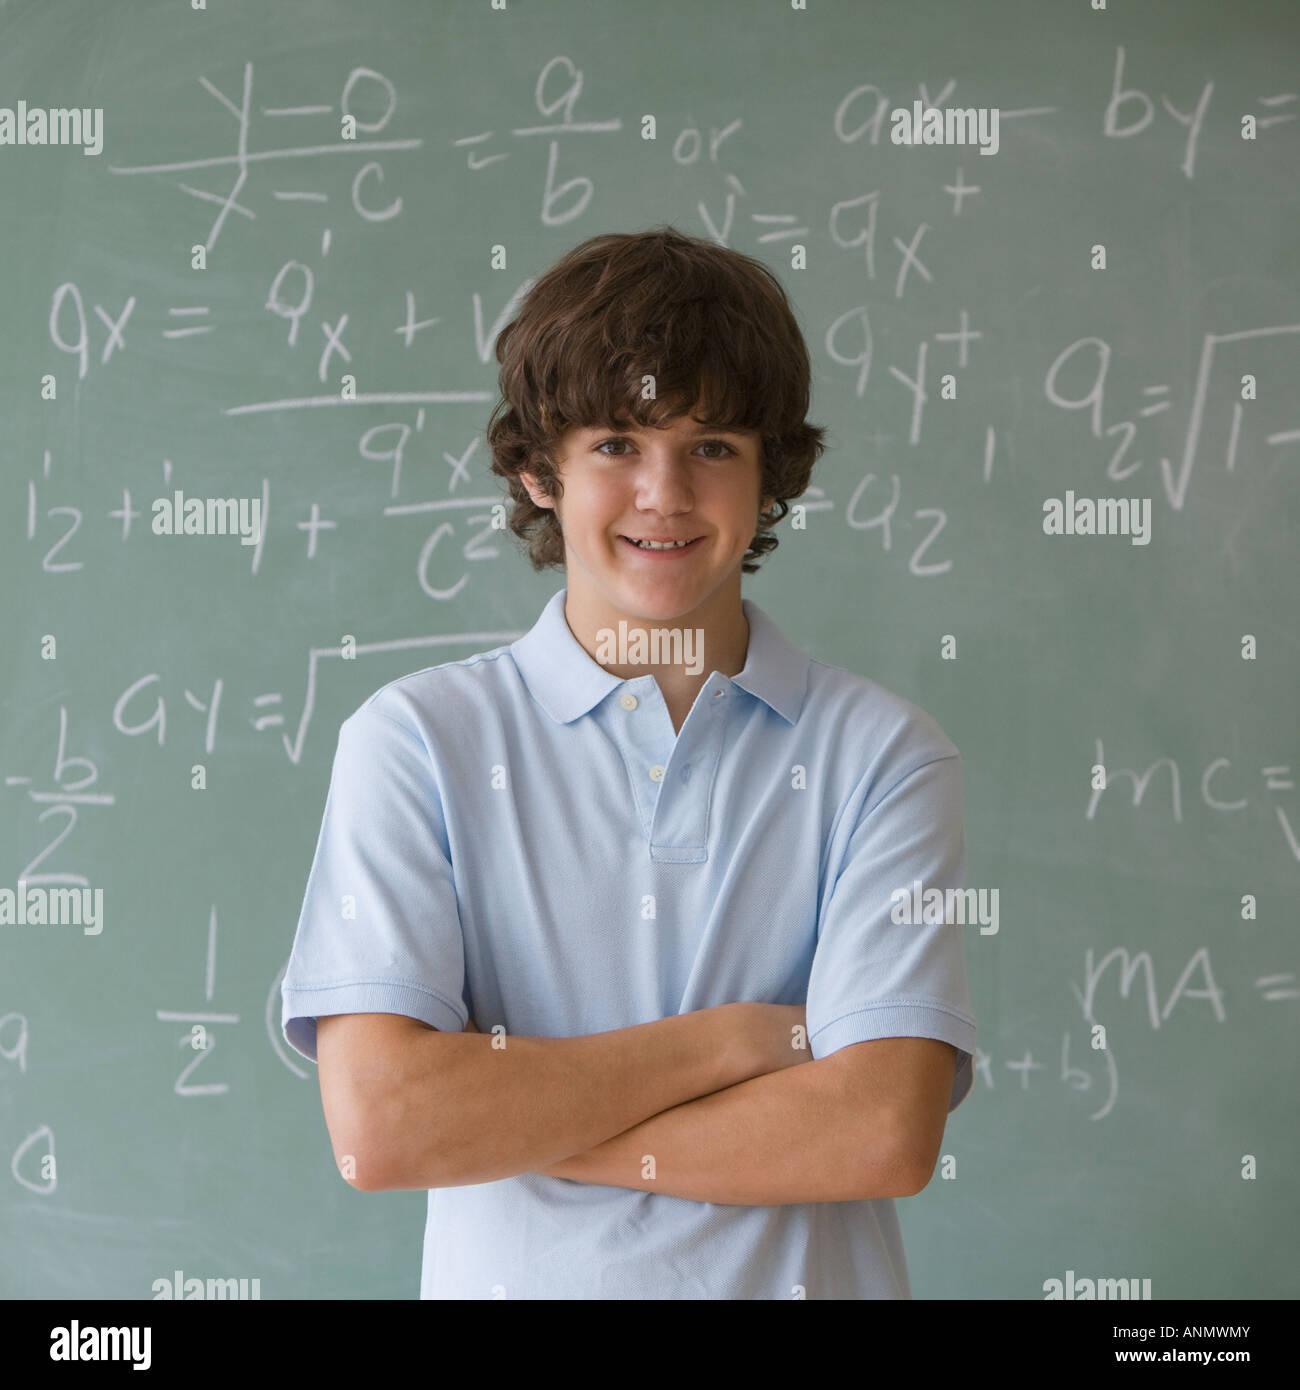 Muchacho adolescente delante de pizarra con ecuaciones matemáticas Imagen De Stock